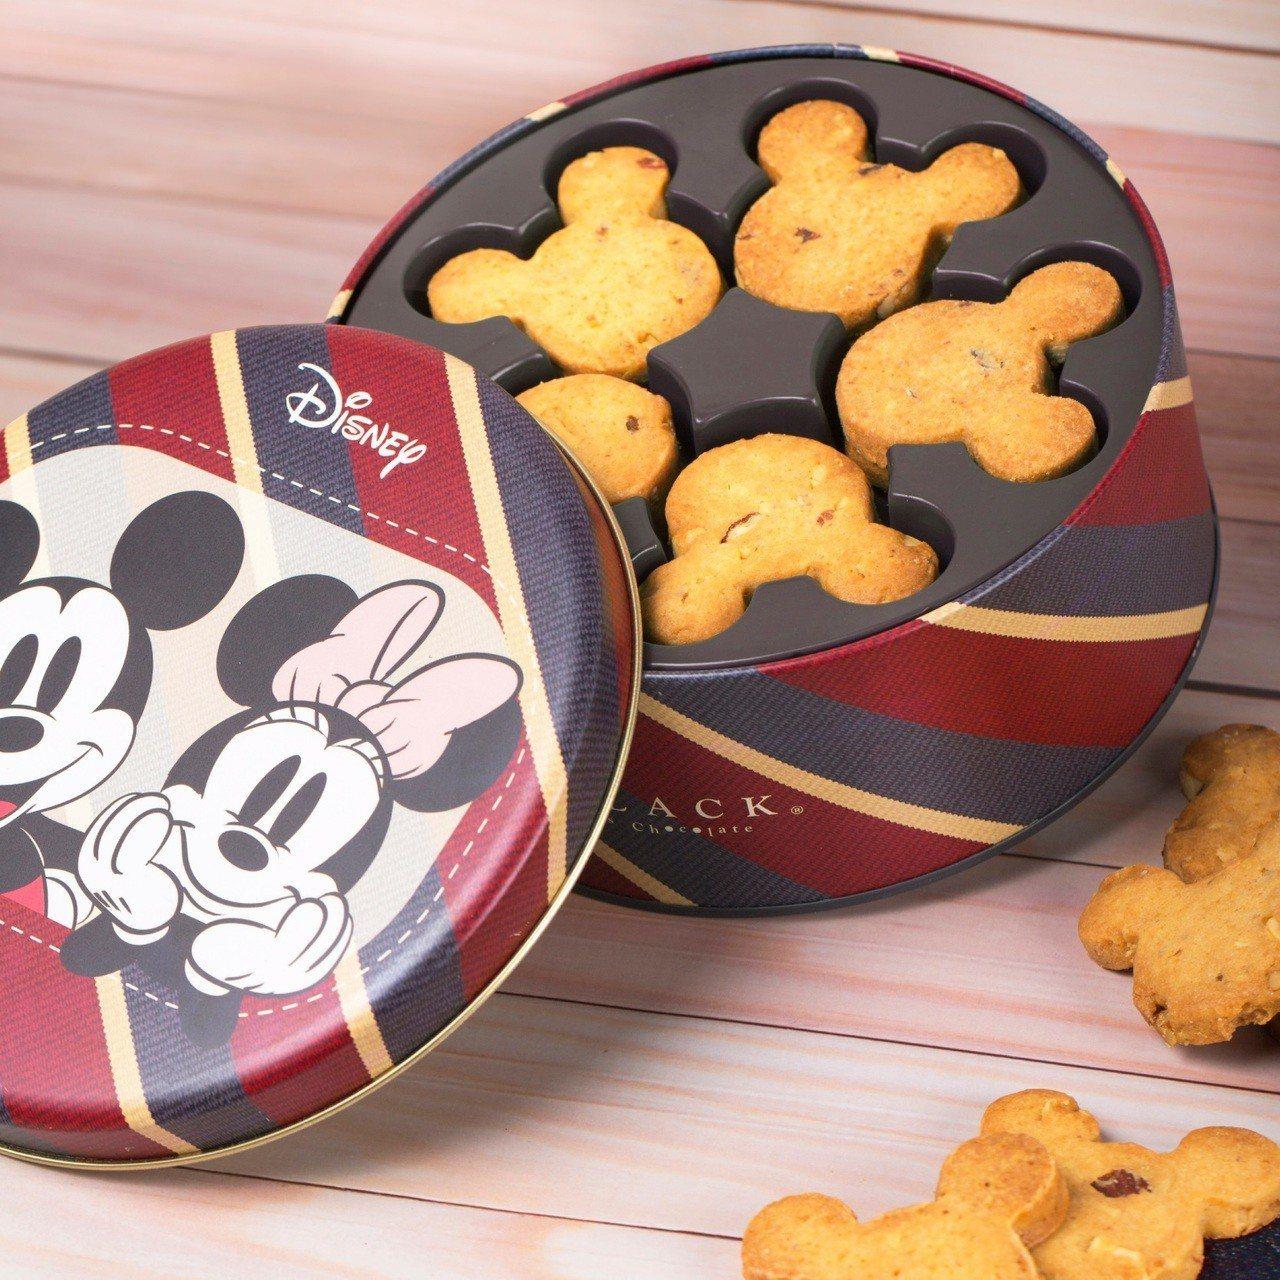 米奇手工曲奇餅乾禮盒,售價350元。圖/BLACK As Chocolate提供